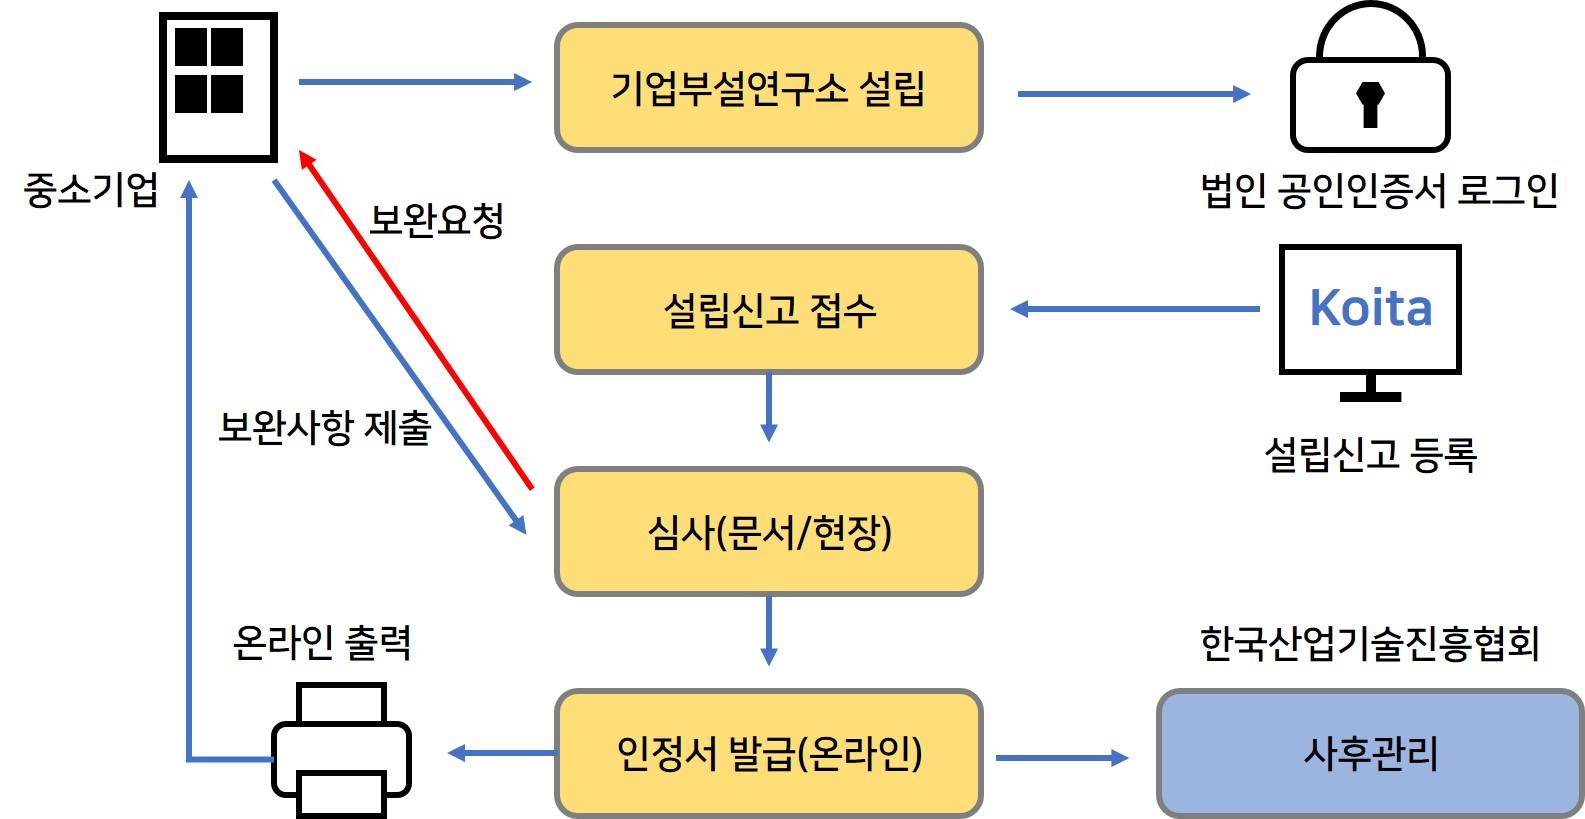 기업부설연구소 설립절차